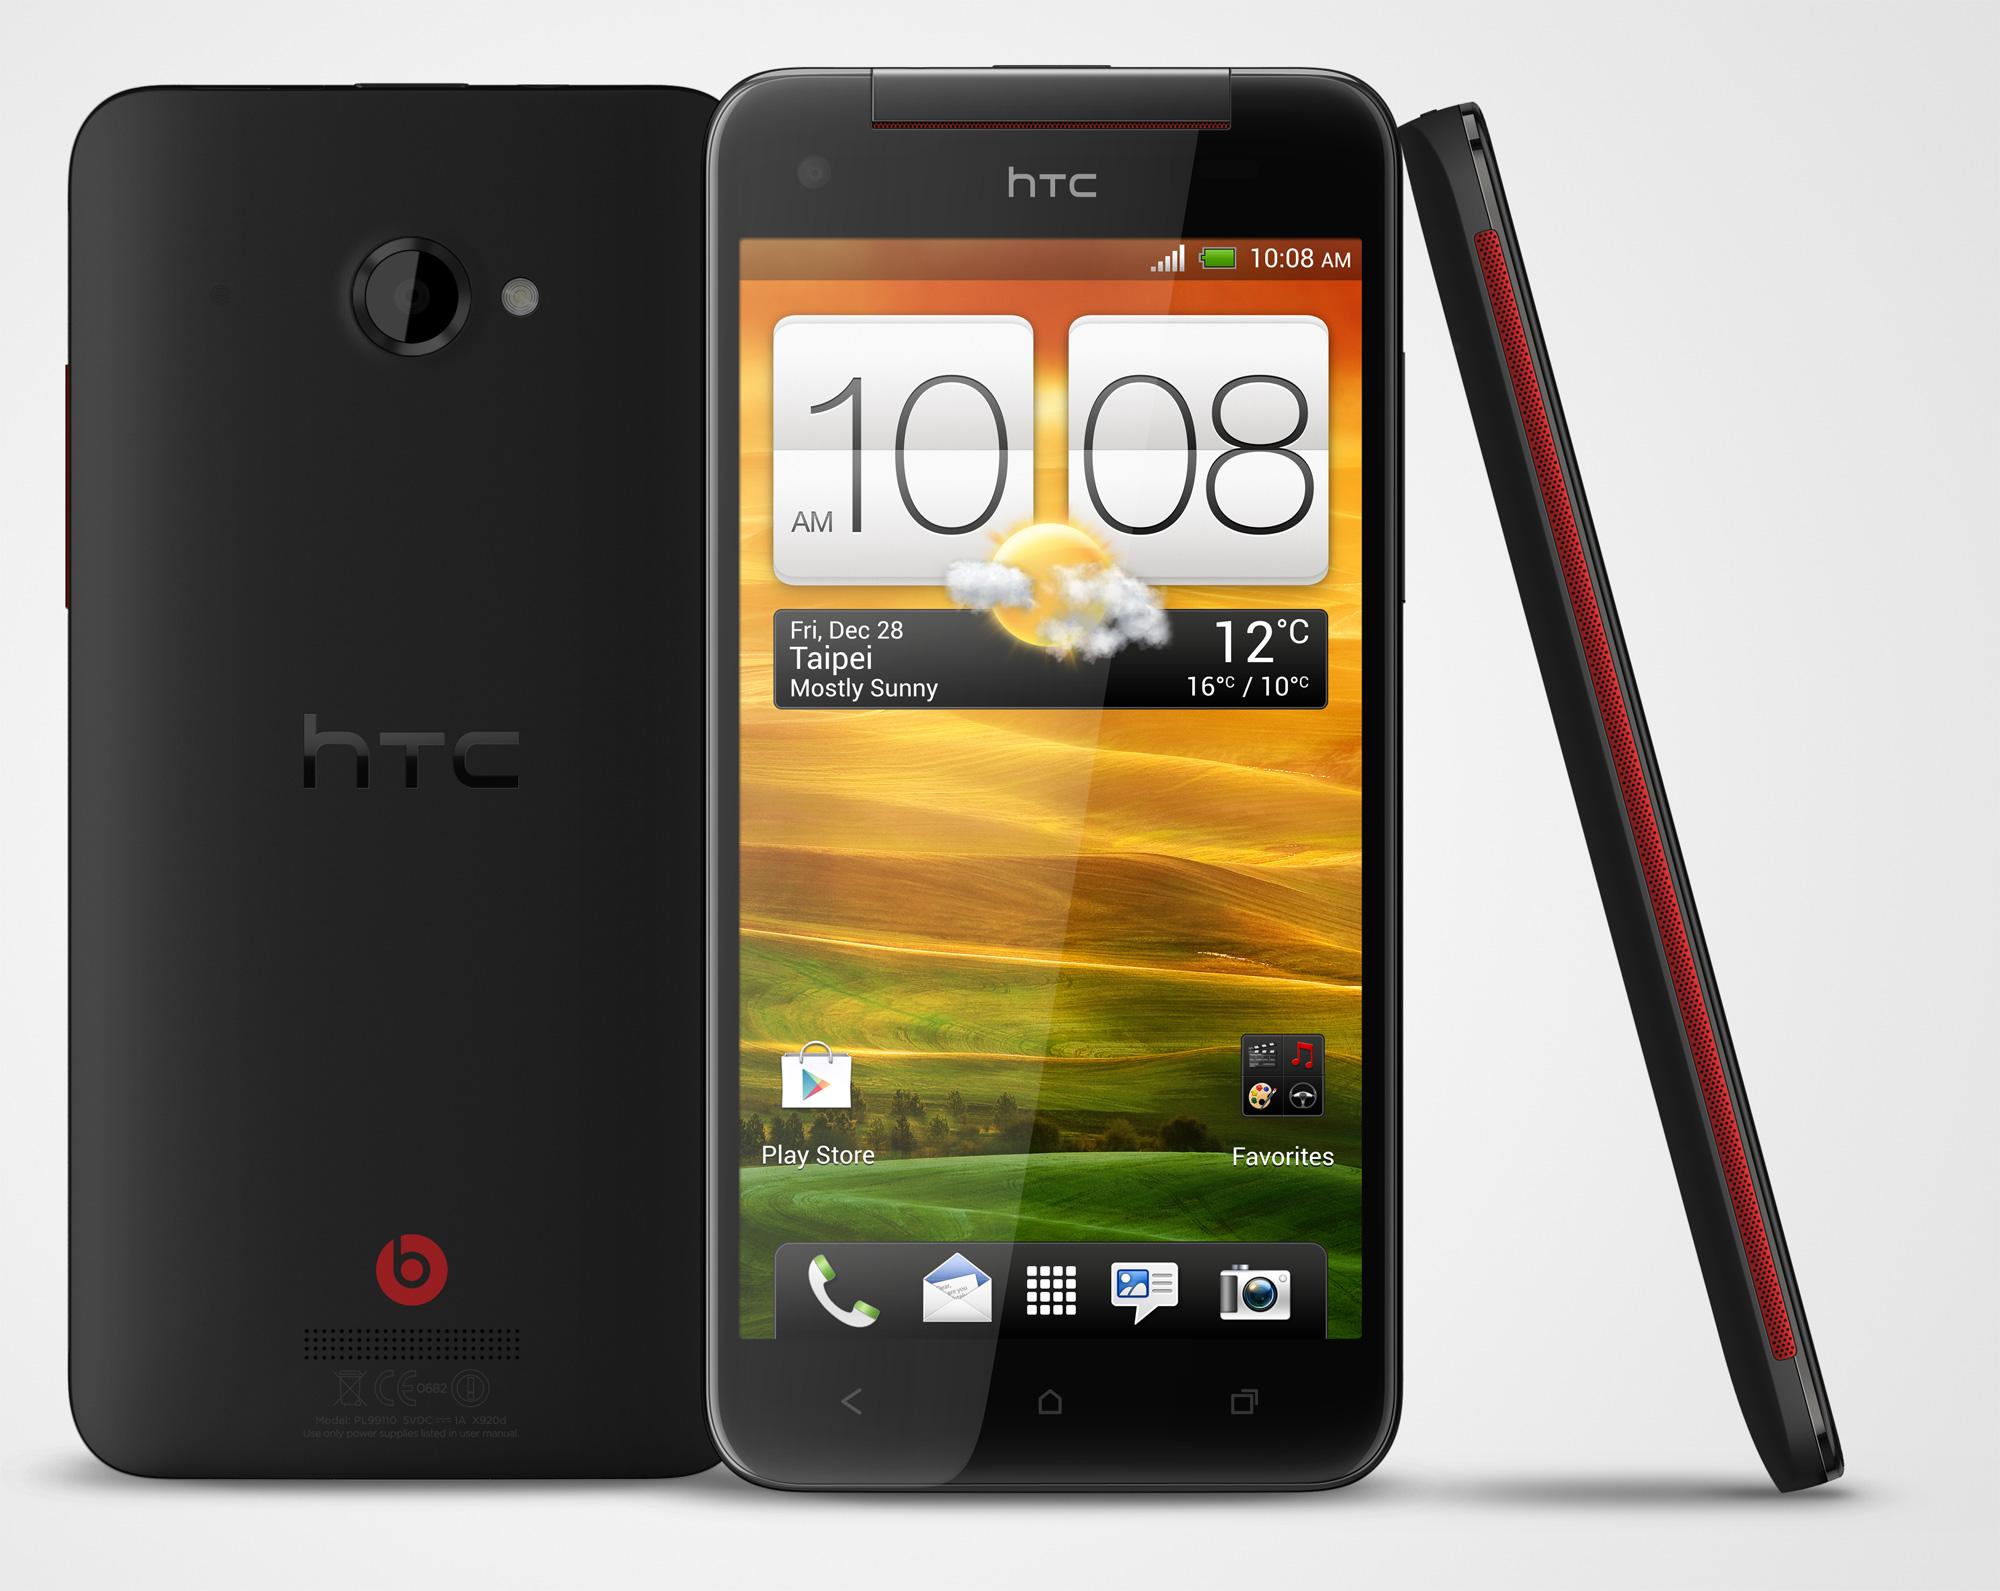 HTC Butterfly S 5inch Full HD Smartphone kommt am 19. Juni – Ultrapixel-Cam & Snapdragon 600?